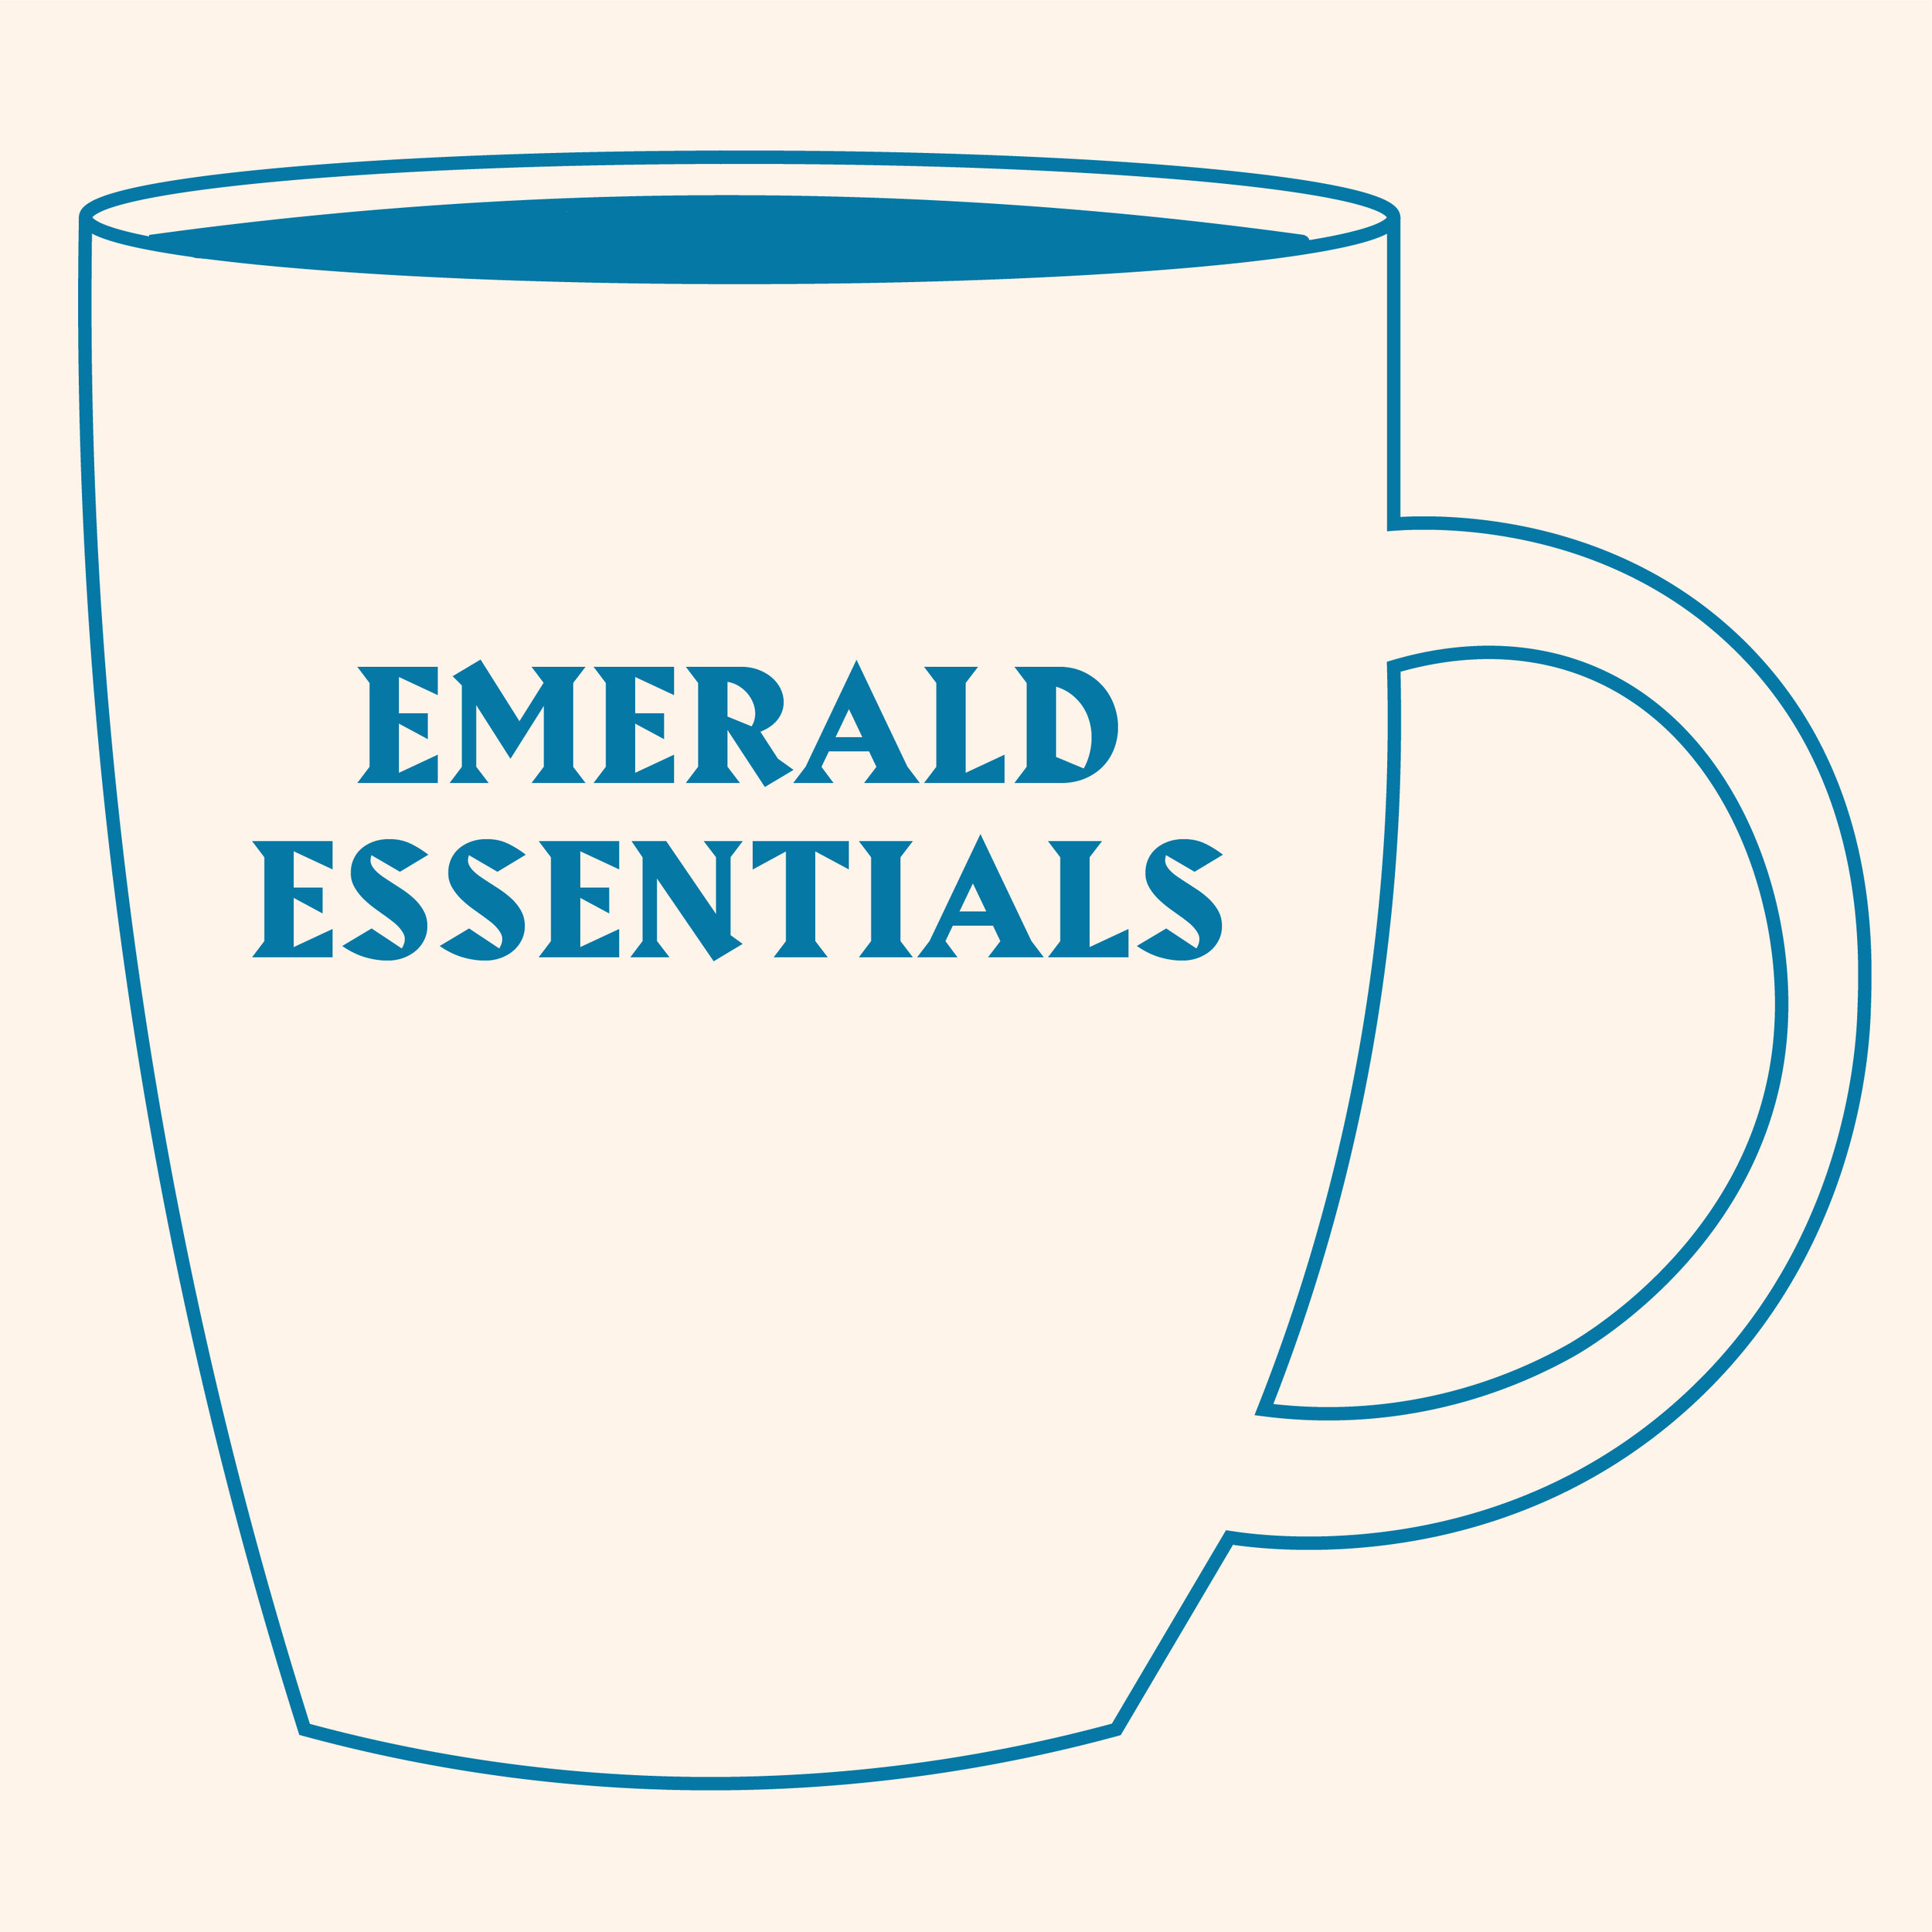 EmeraldEsstentials_Cup.jpg